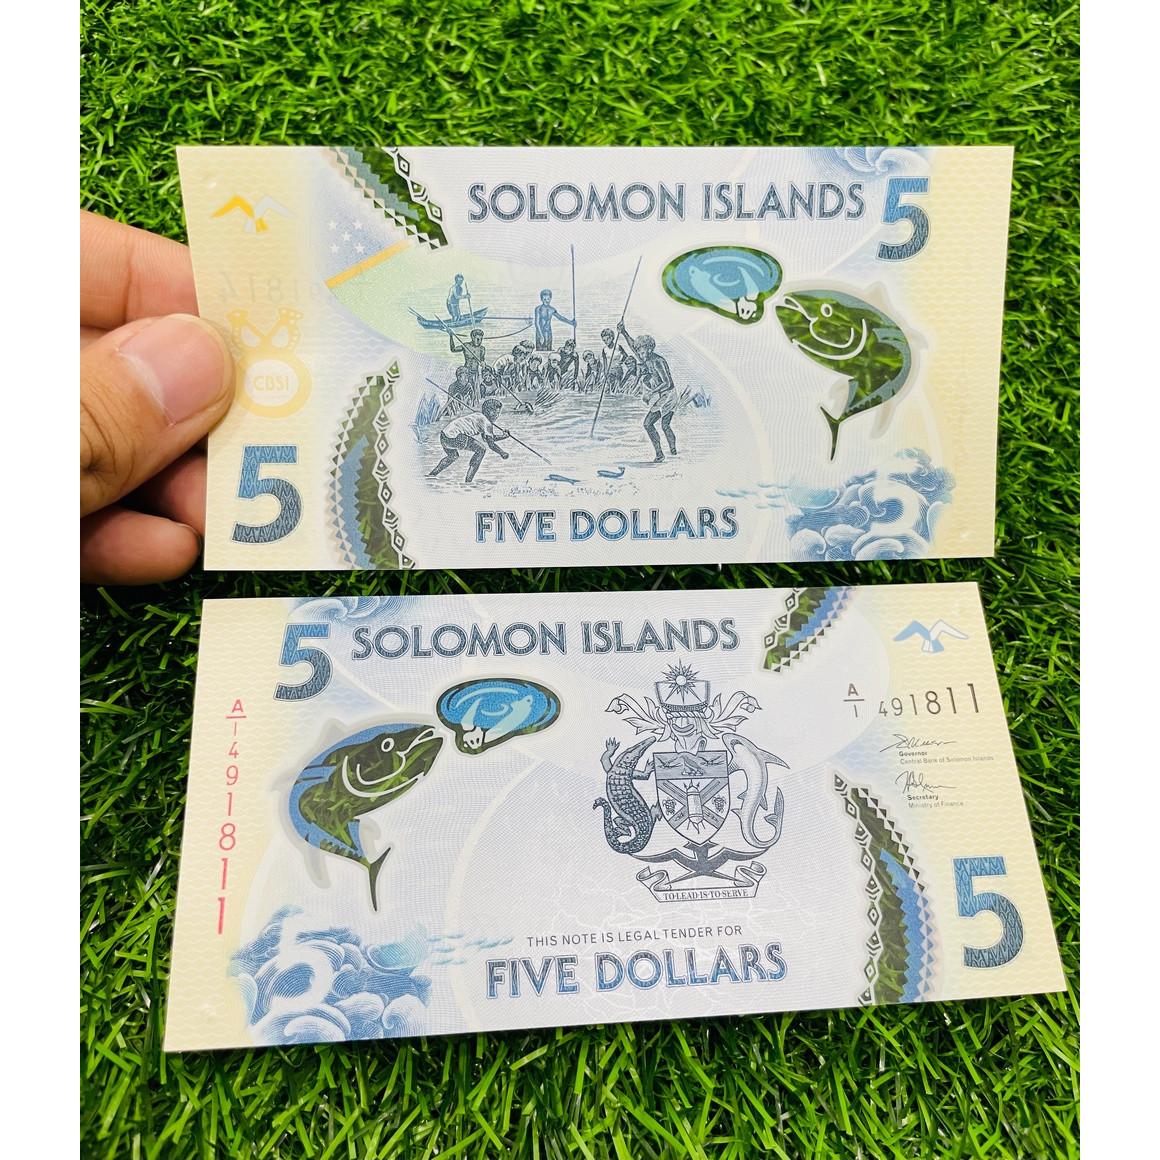 Tiền Solomon 5 Dollar, bằng polymer, đảo quốc ở Thái Bình Dương, mới 100% UNC, tặng túi nilon bảo quản The Merrick Mint